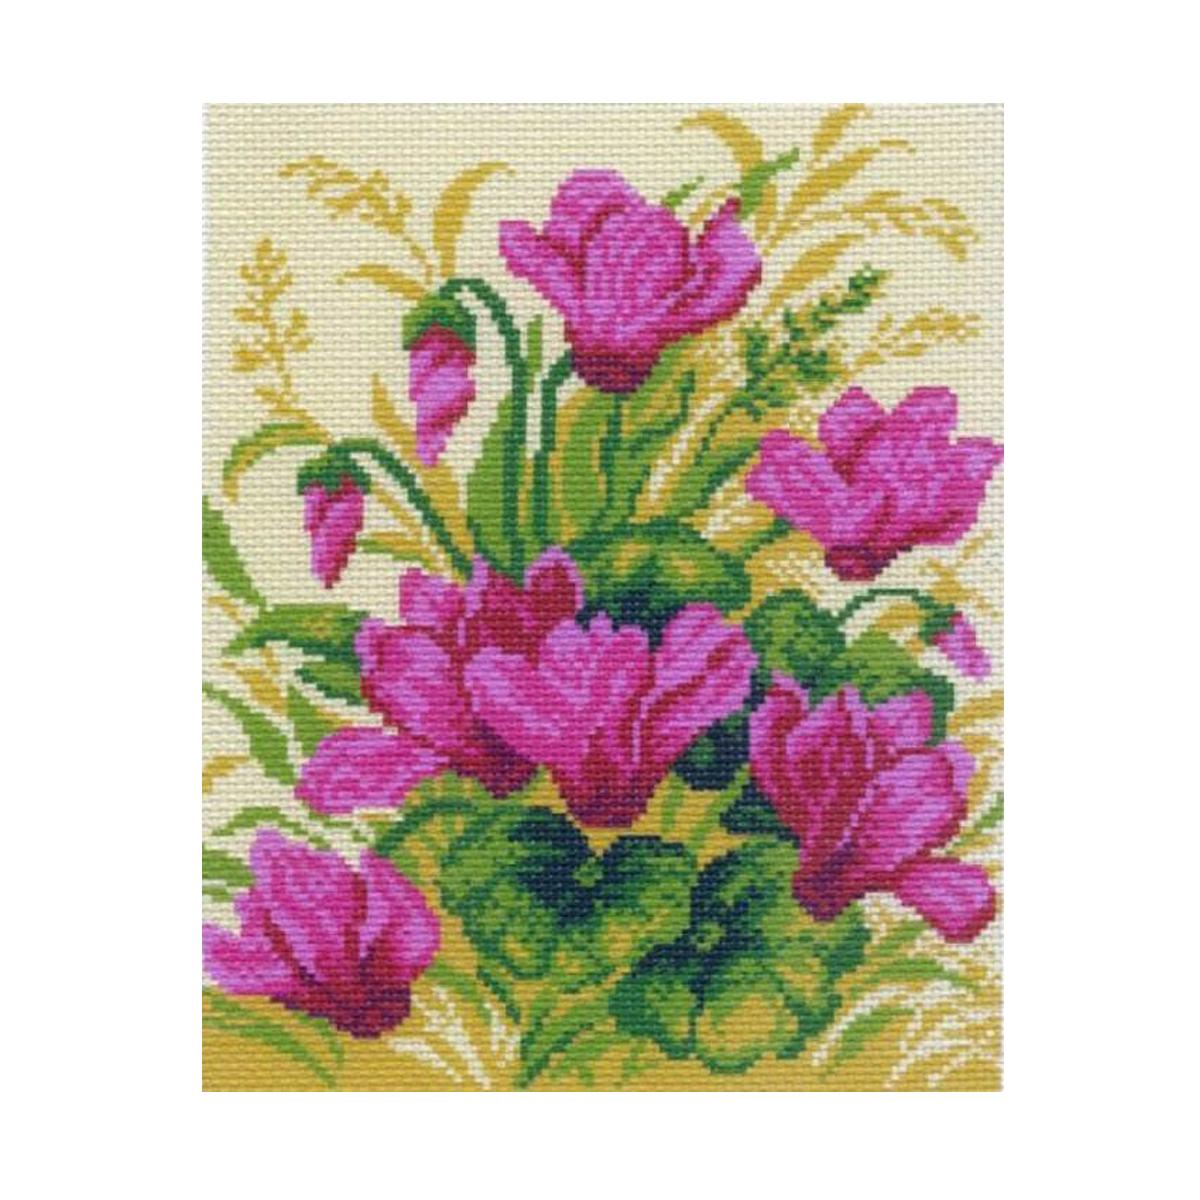 Канва с рисунком Матренин Посад Цикламен, 24 см х 30 см. 770551286Размер: 24x30 см Рисунок полностью напечатан на канве. Указана цветовая карта ниток. Вышивать рекомендуется мулине в 3 сложения.